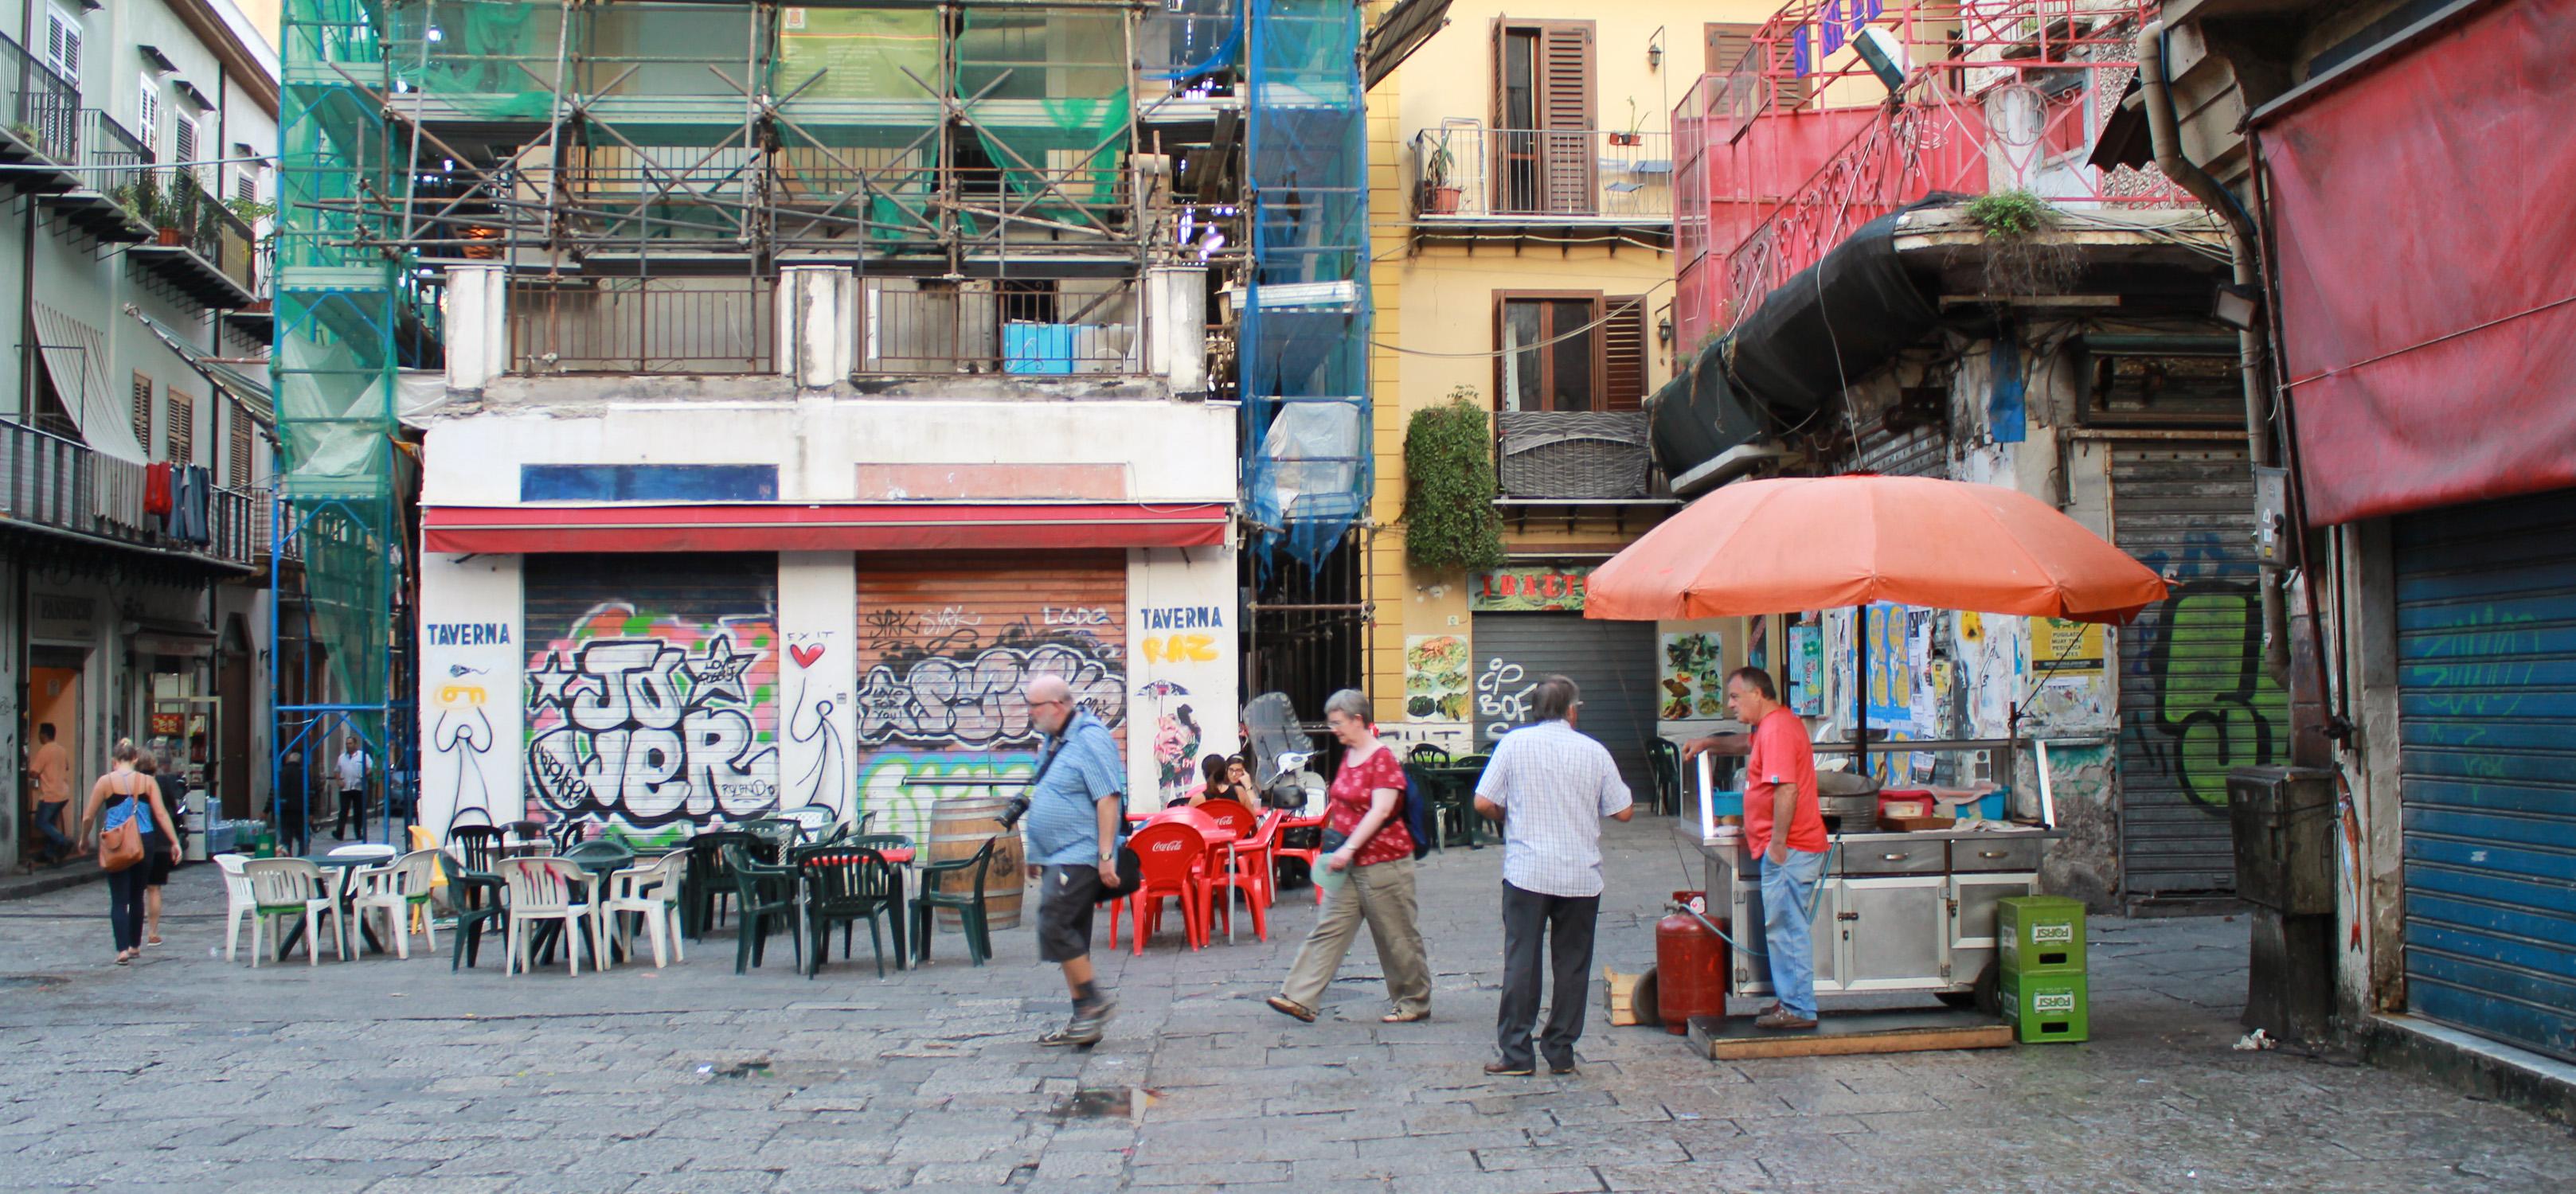 Palermo markets Vucceria